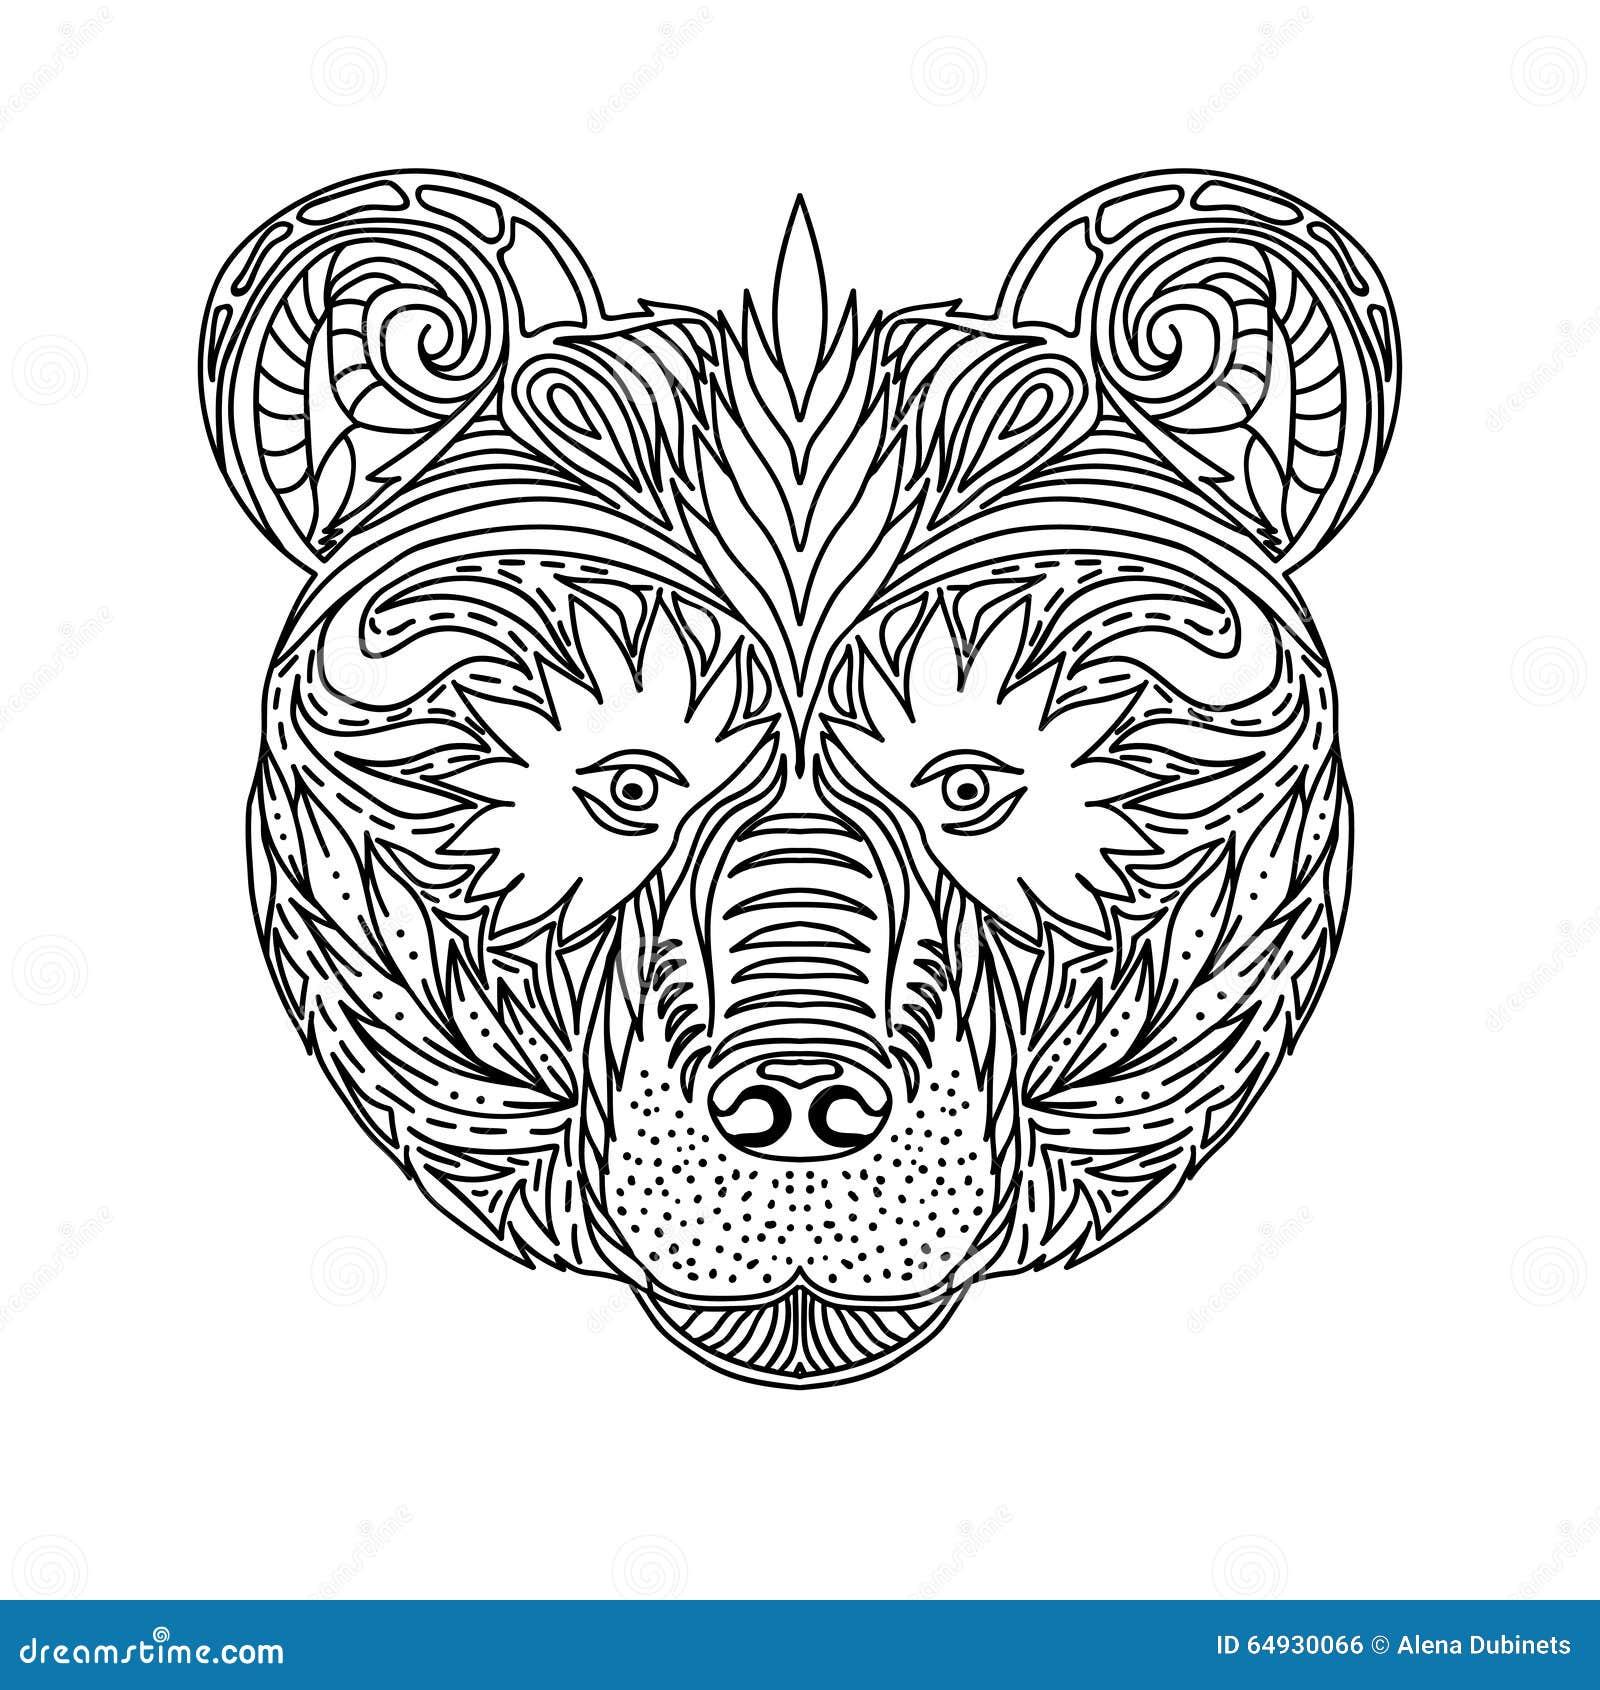 Wolven Kleurplaat Voor Volwassenen Het Zwart Witte Ornament Ziet Wild Dier Van Het Bos Onder